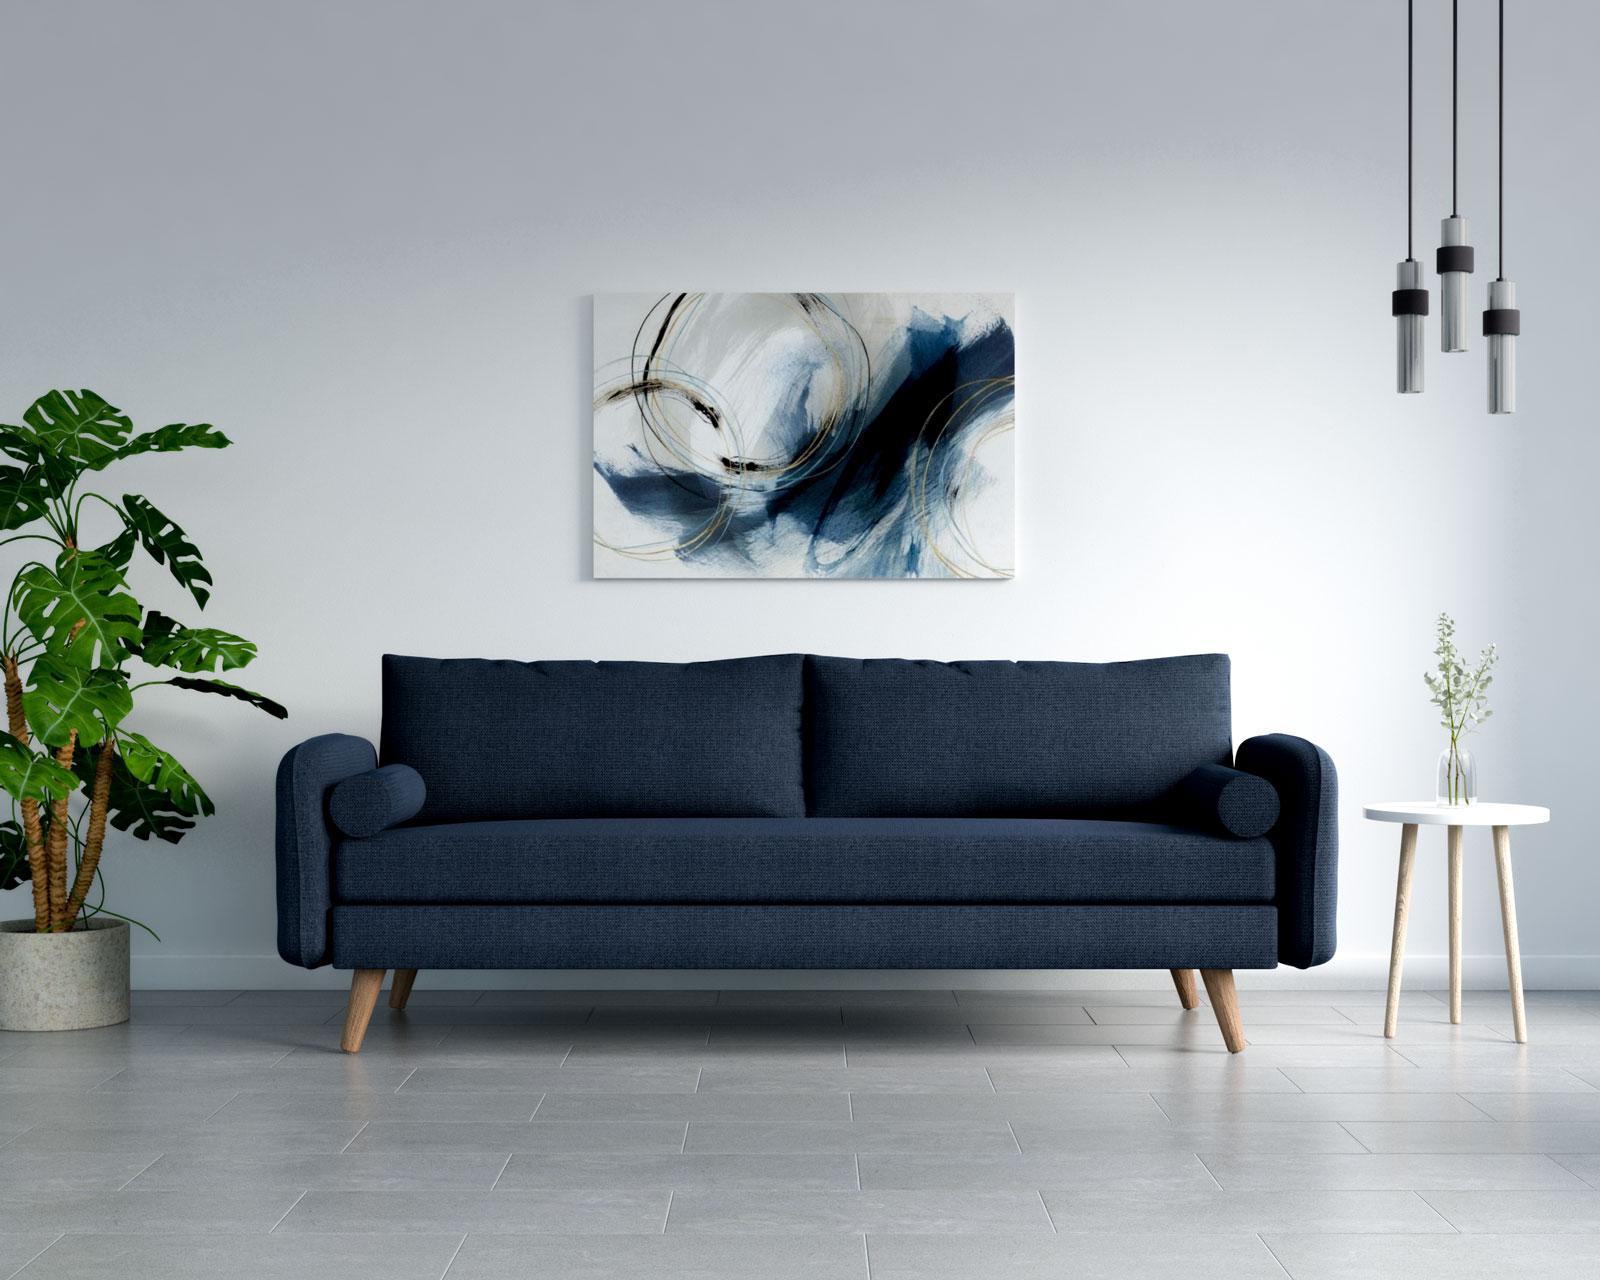 Navy blue sofa with grey tile floors